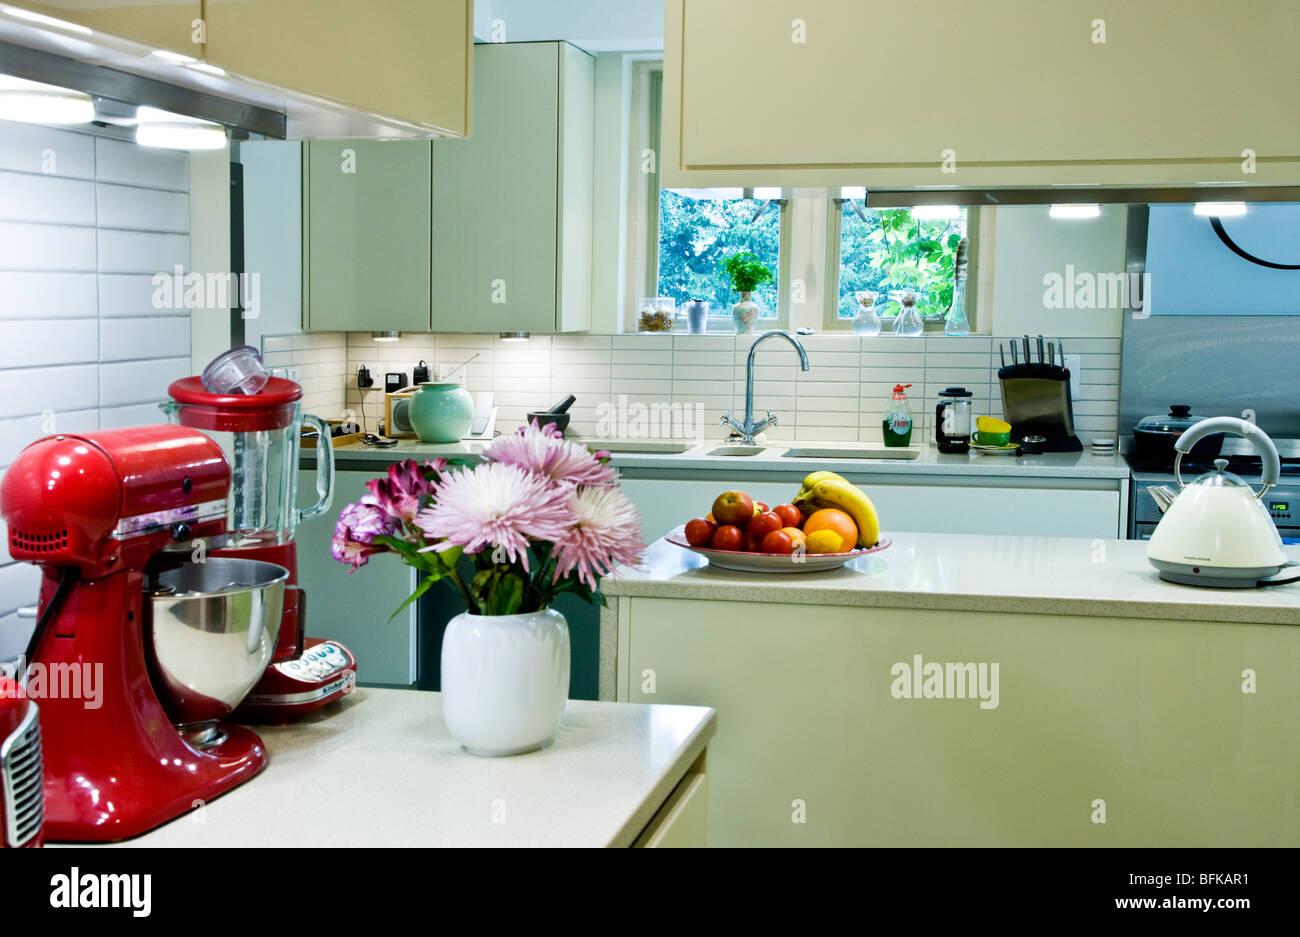 Eine moderne moderne intelligente Küche mit roten Retro-Geräten und Vase mit frischen Blumen Stockbild